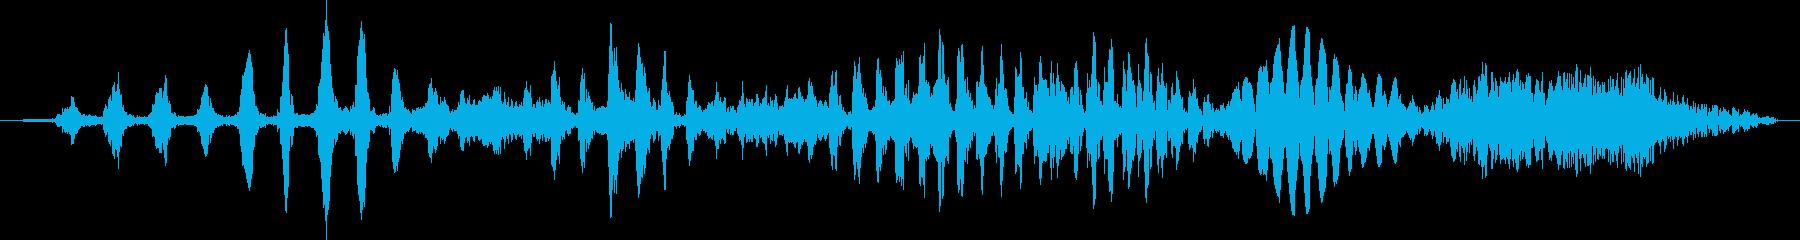 宇宙コンピューターの低効率データ処...の再生済みの波形